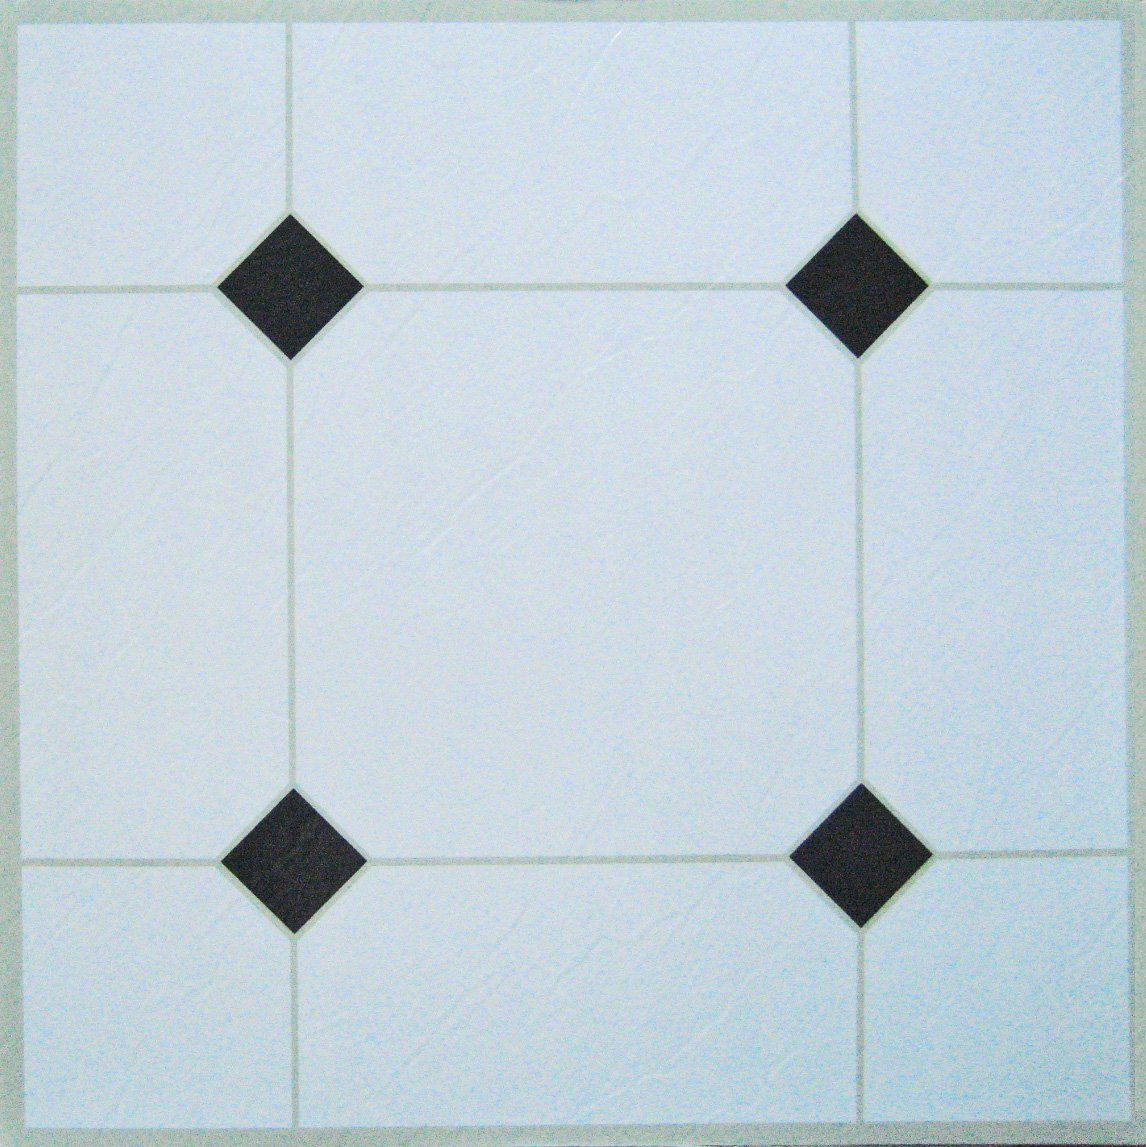 50 Autoadhesivo baldosas DE VINILO: blanco y negro Quality